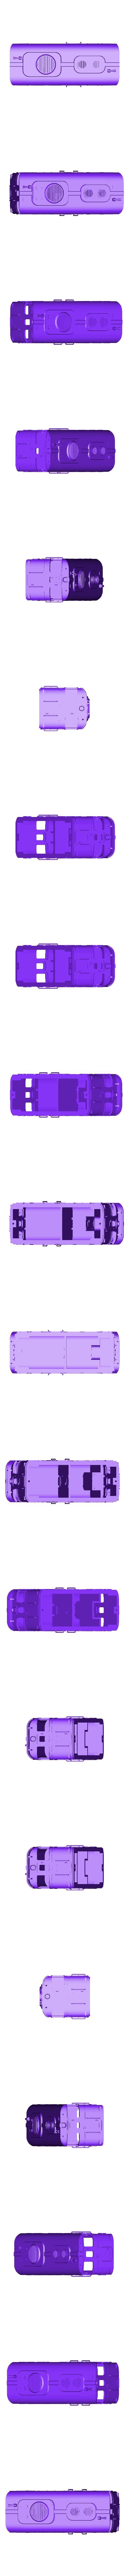 kato_11-105106107_NH0e_body.stl Télécharger fichier STL gratuit H0e Locomotive LSM 03 / Kato 11-105 11-106 11-107 N>H0e • Design imprimable en 3D, makobe